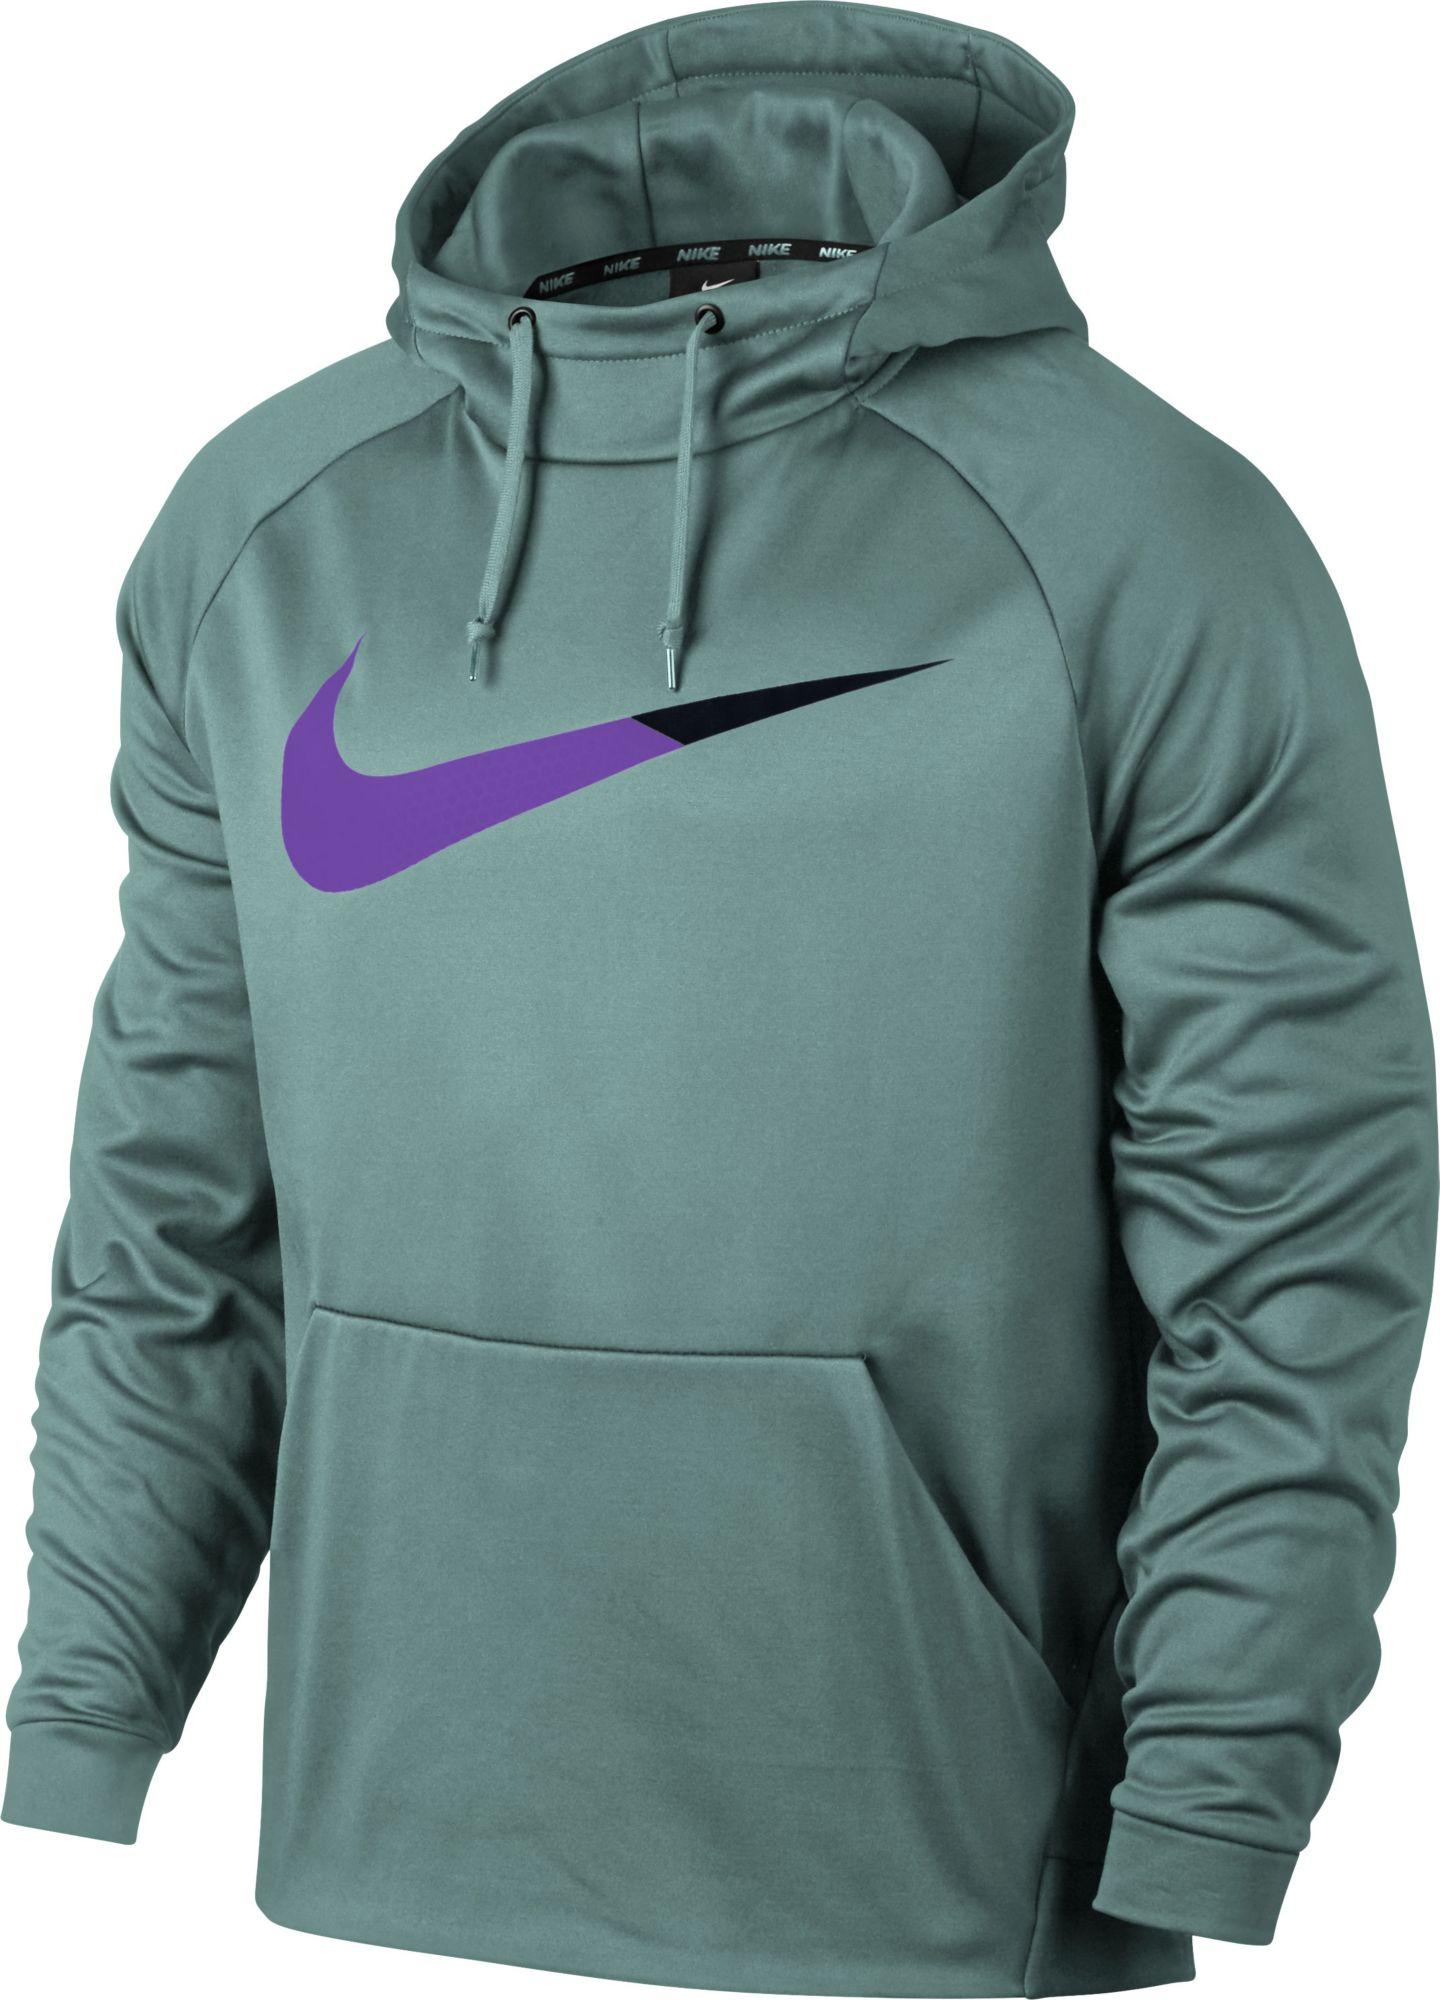 Men's Hoodies & Sweatshirts | DICK'S Sporting Goods